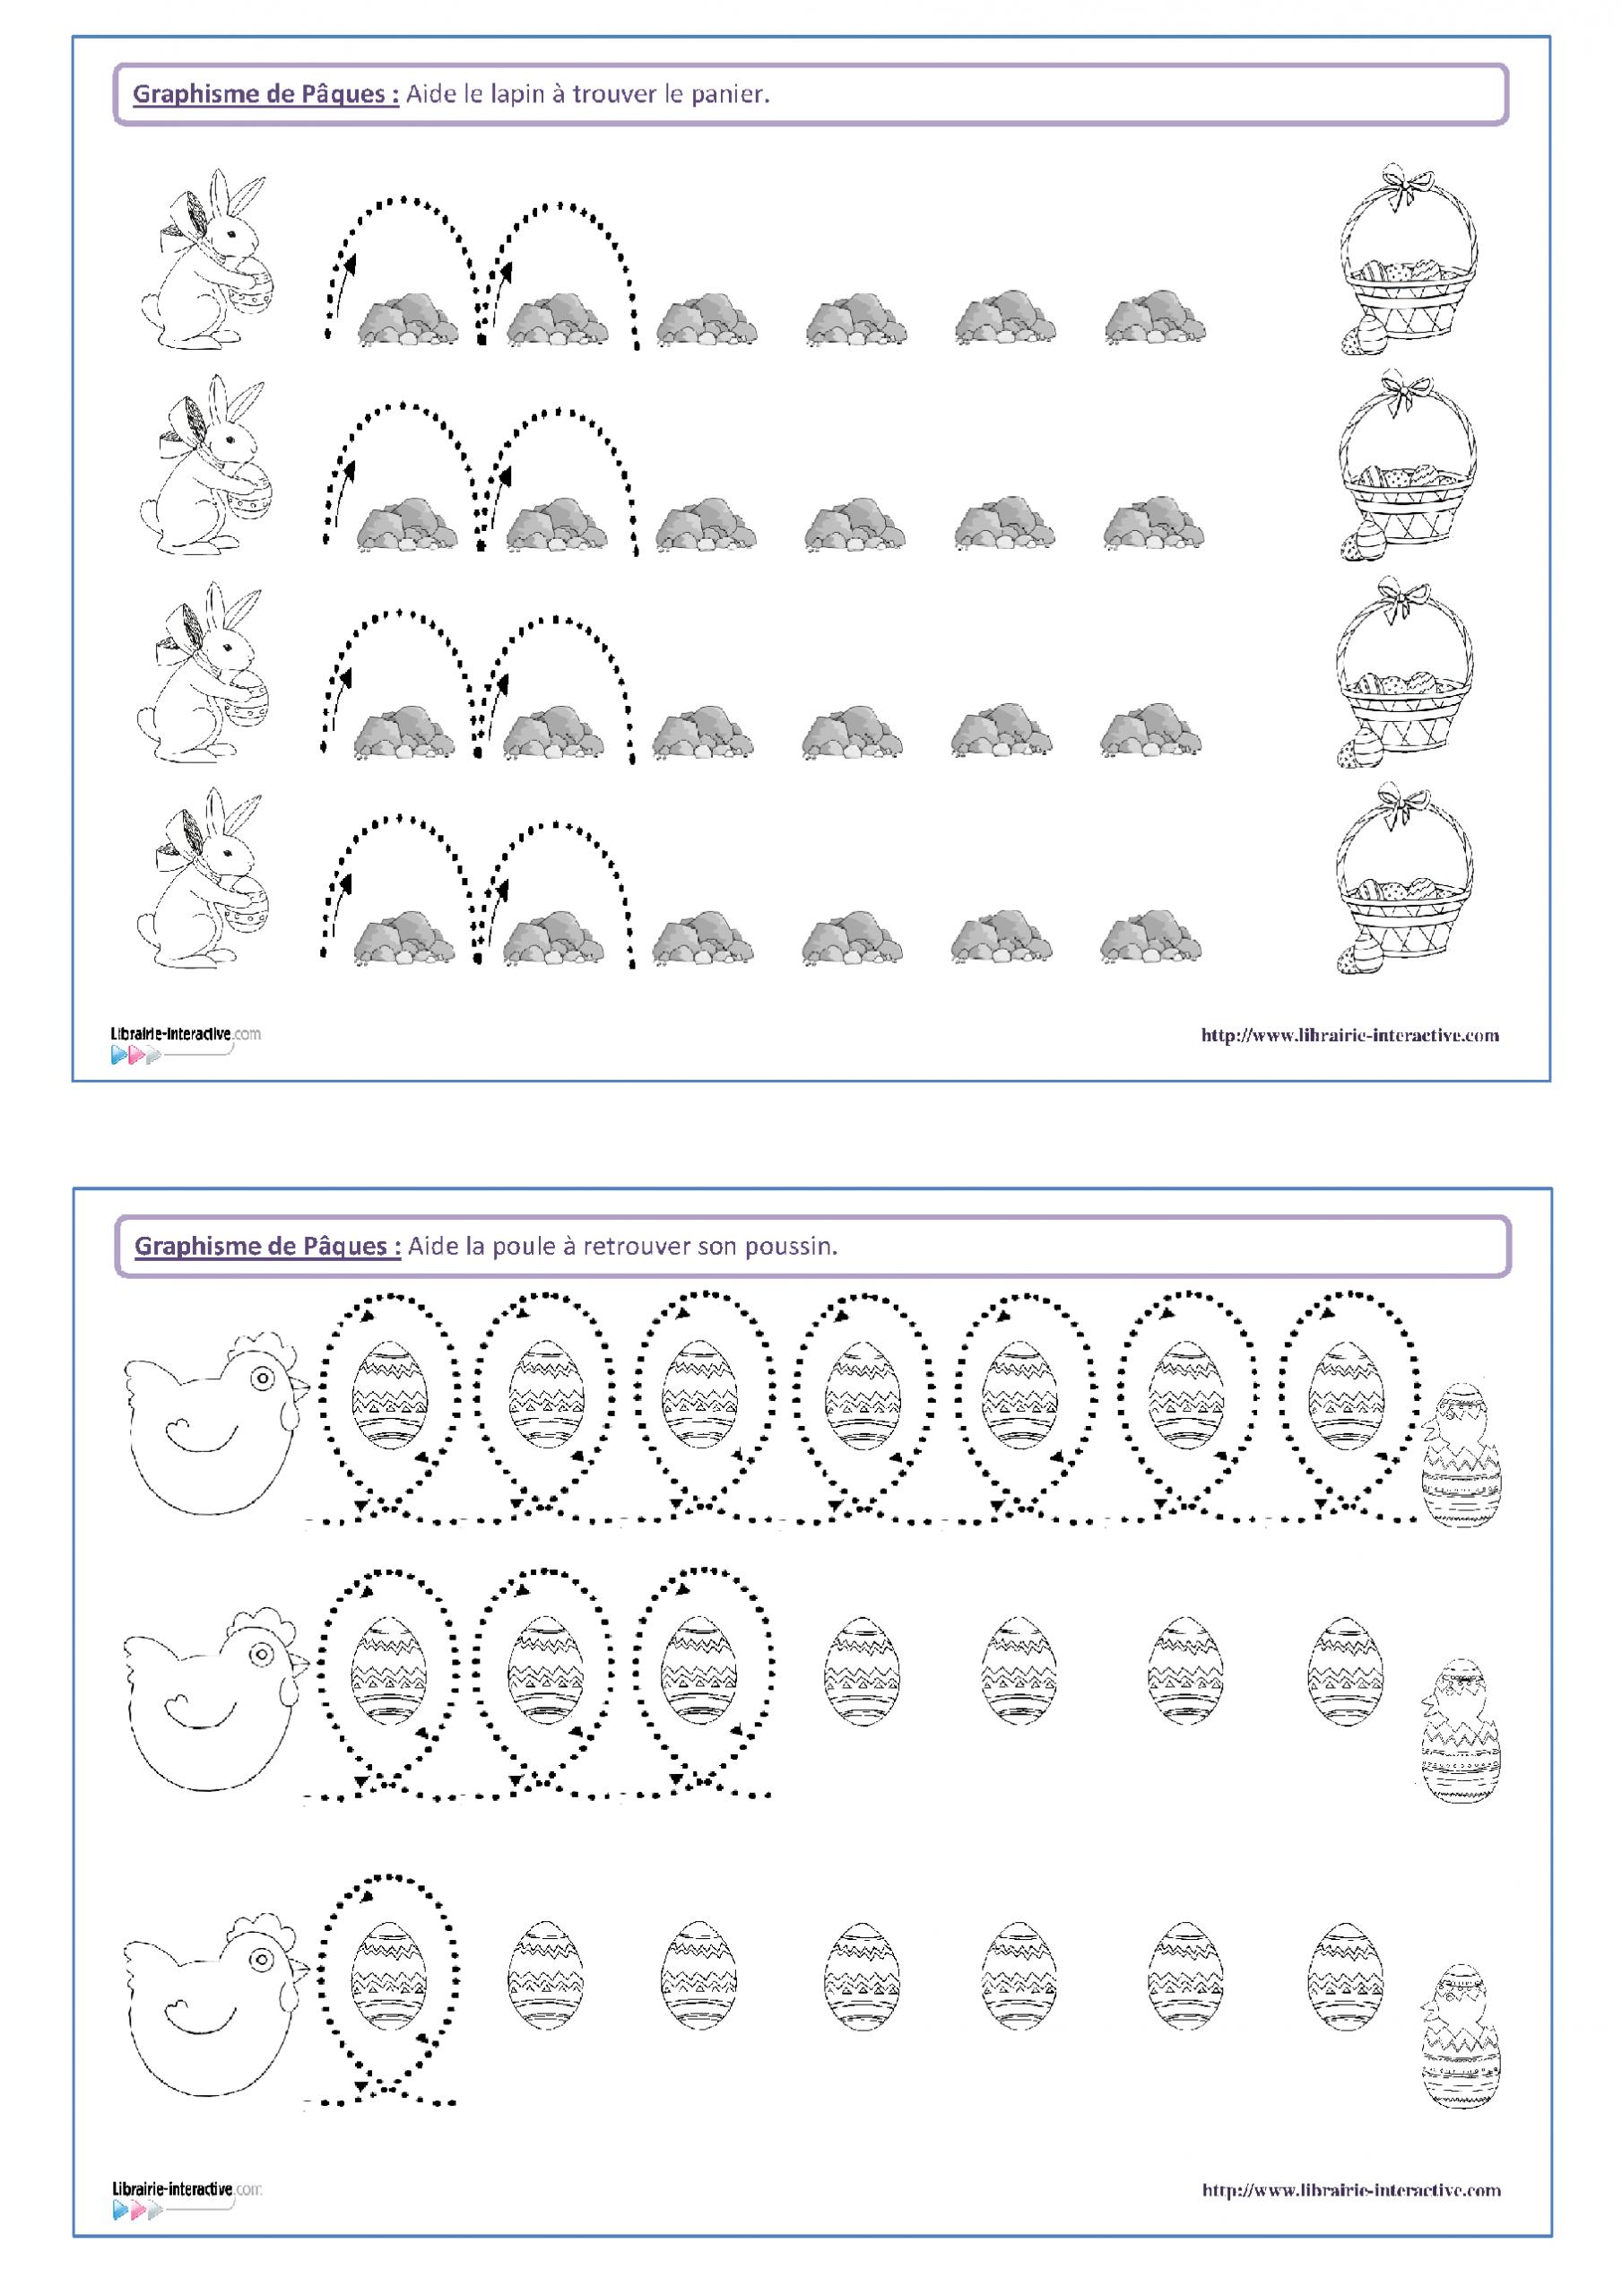 14 Fiches De Graphisme Sur Le Thème De Pâques, Pour Les tout Exercice Graphisme Moyenne Section